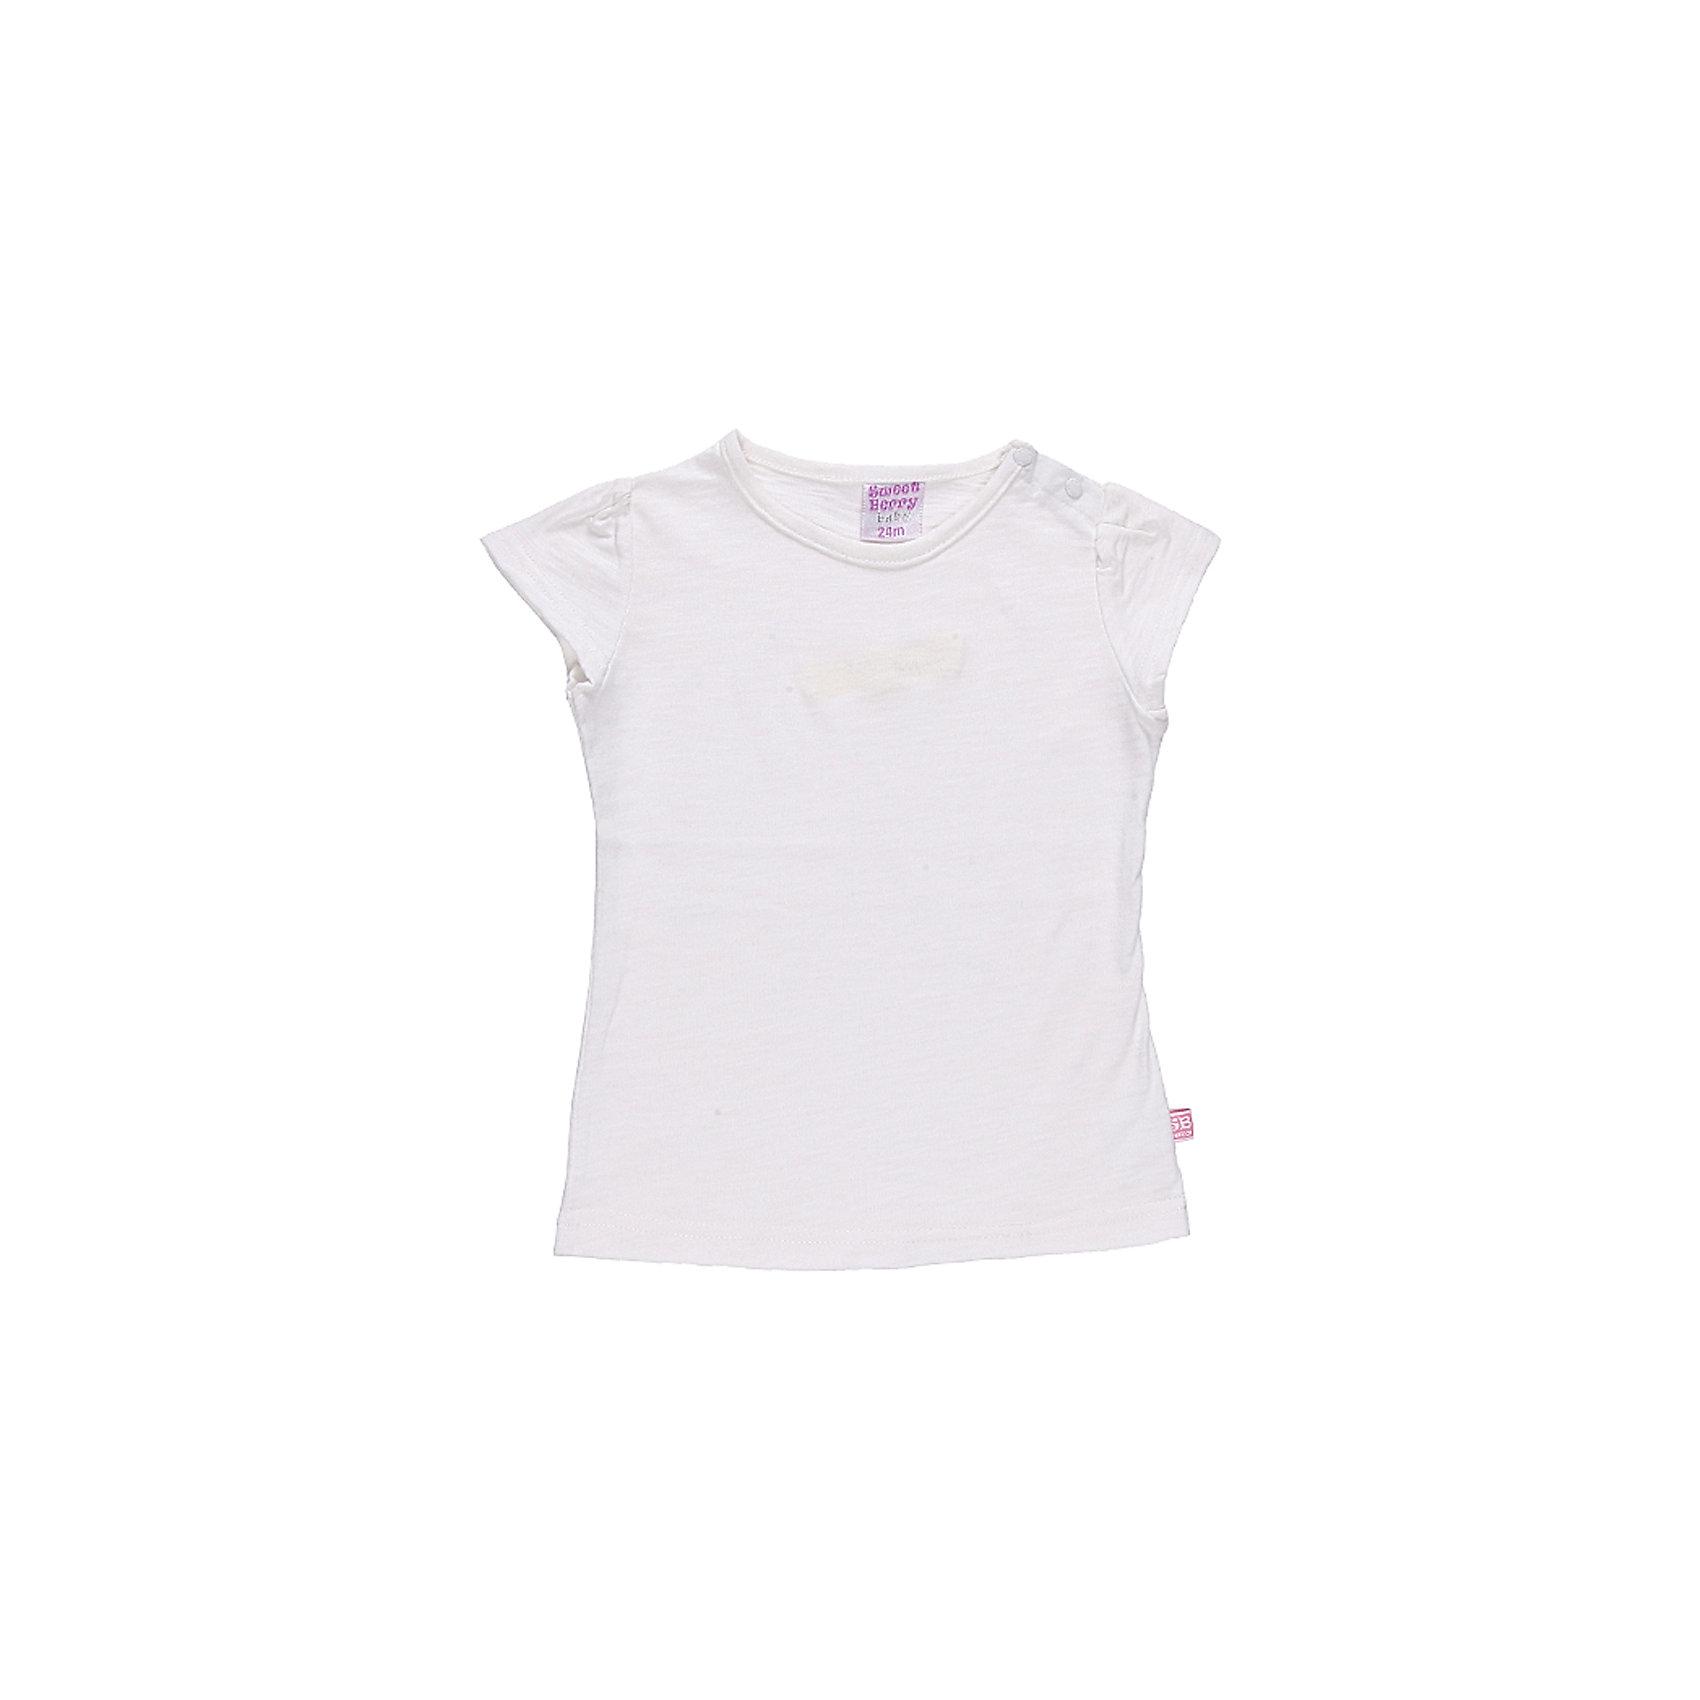 Футболка для девочки Sweet BerryБазовая футболка из эластичного трикотажа. Футболка приталенного силуэта.По рукаву сборка.<br>Состав:<br>100% хлопок<br><br>Ширина мм: 199<br>Глубина мм: 10<br>Высота мм: 161<br>Вес г: 151<br>Цвет: розовый<br>Возраст от месяцев: 18<br>Возраст до месяцев: 24<br>Пол: Женский<br>Возраст: Детский<br>Размер: 92,80,98,86<br>SKU: 4520626